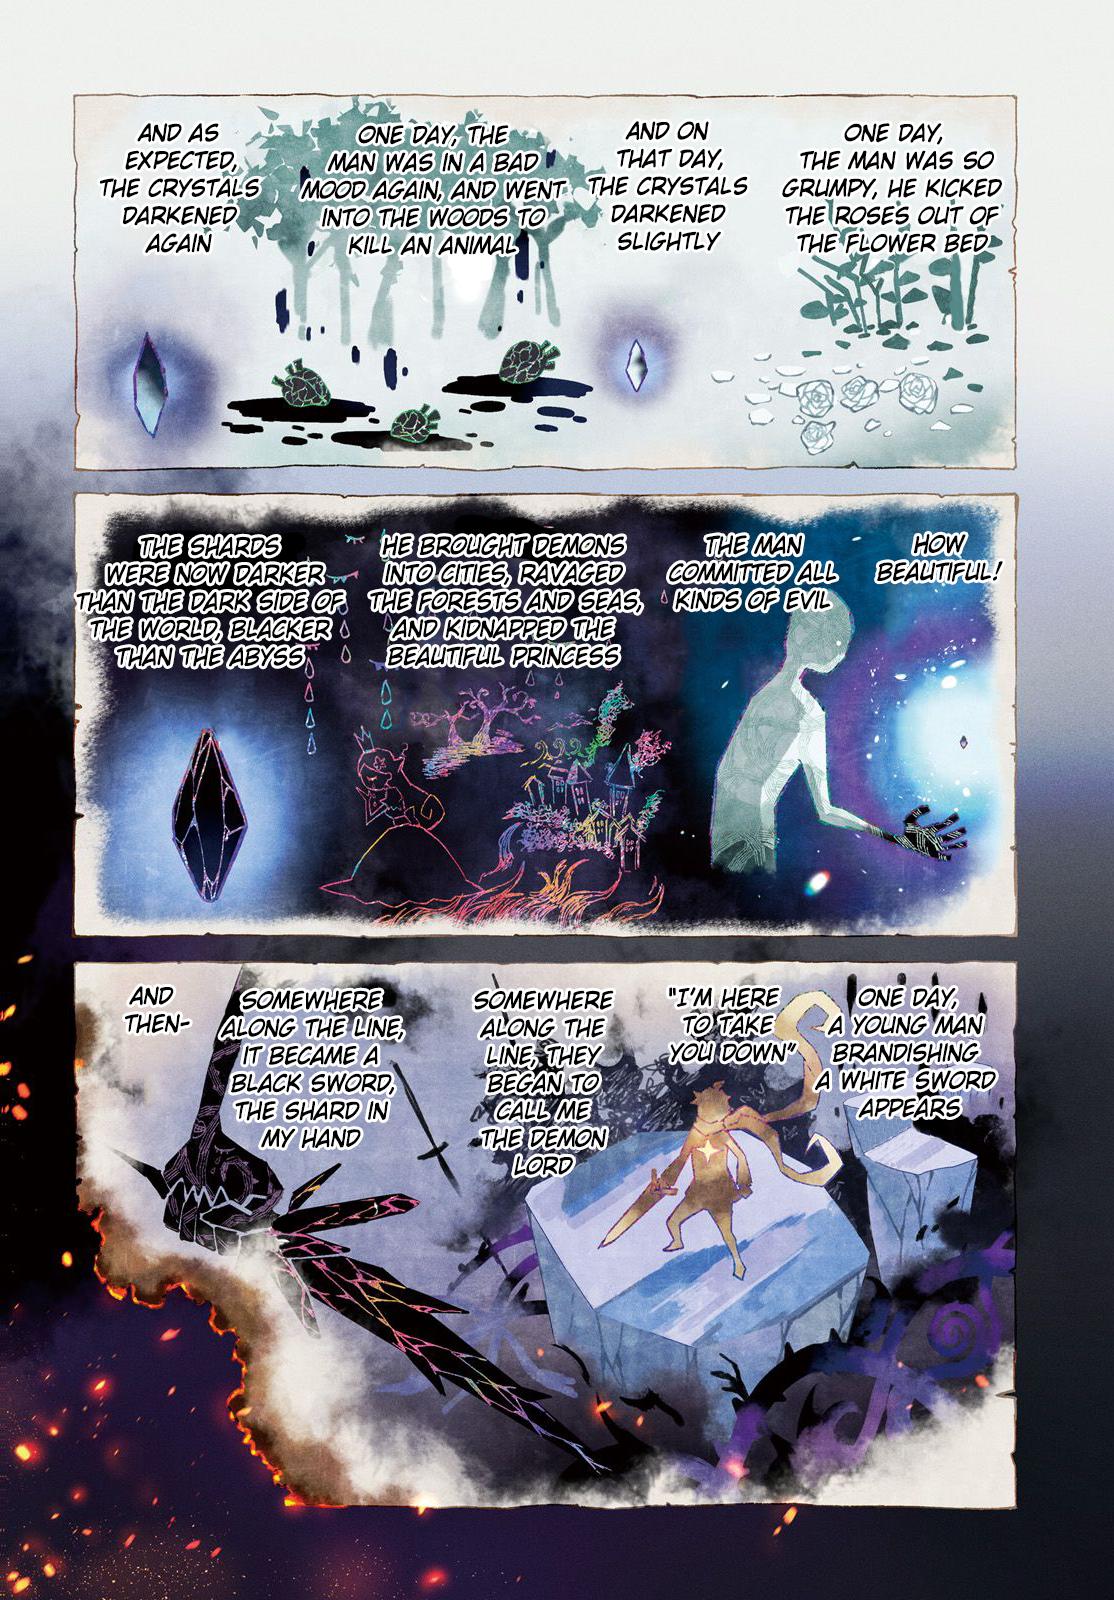 Kagami no Mukou no Saihate Toshokan - chapter 9-eng-li